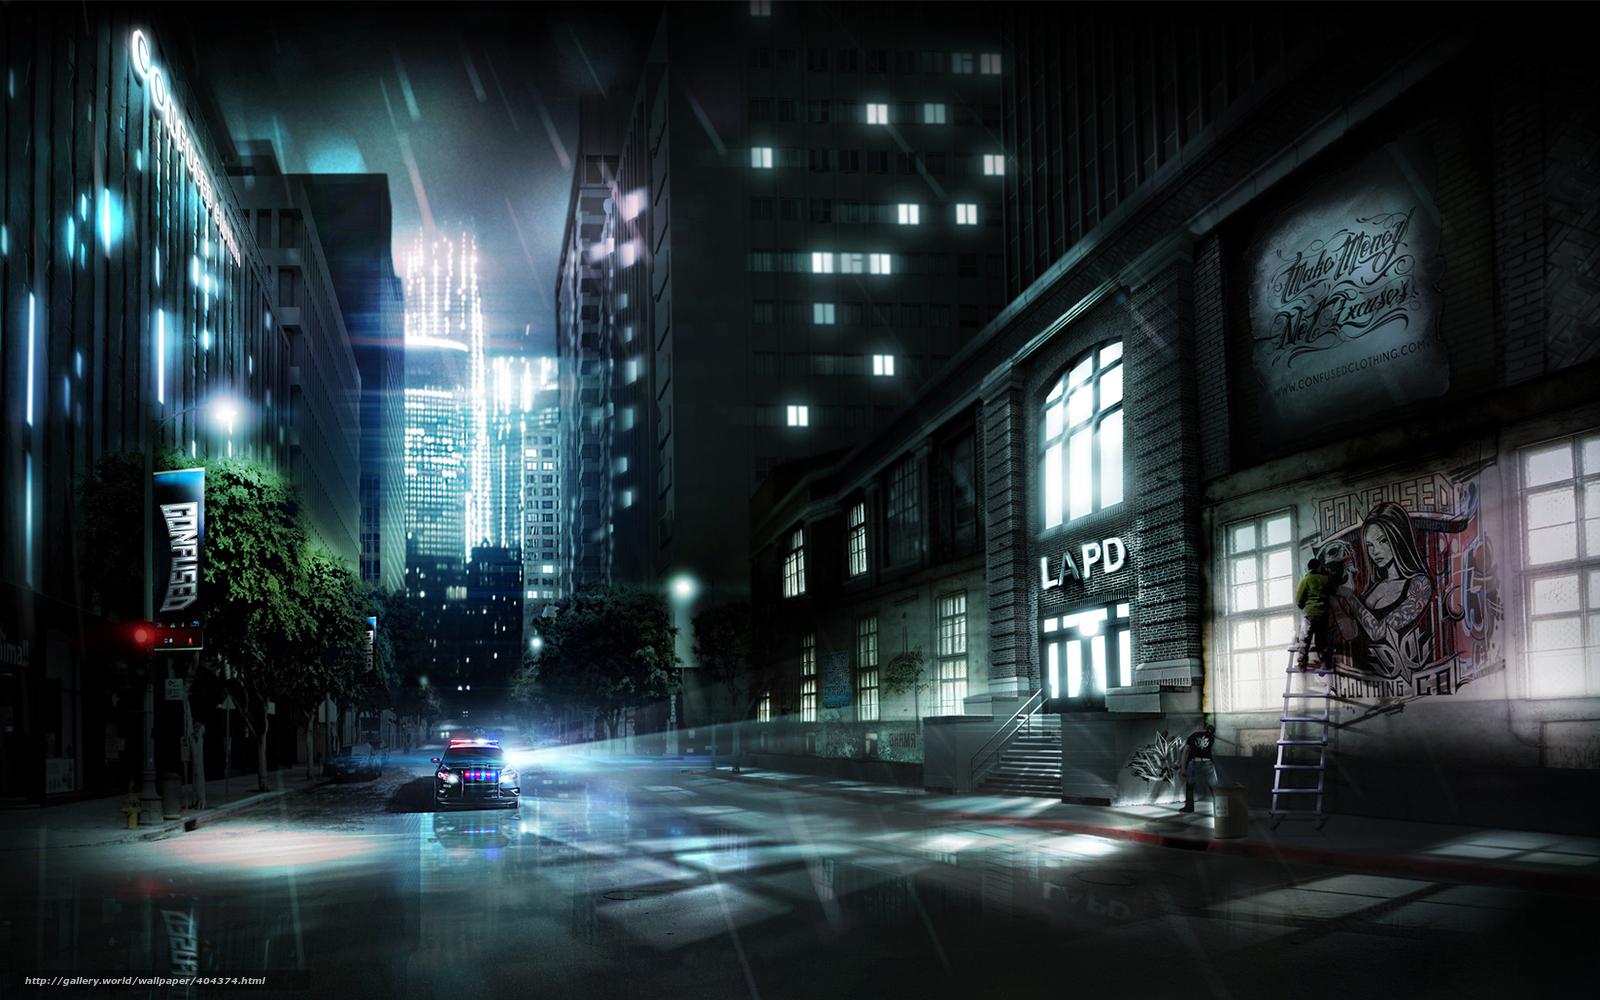 Cop Cars For Sale >> Free Police Screensavers and Wallpaper - WallpaperSafari